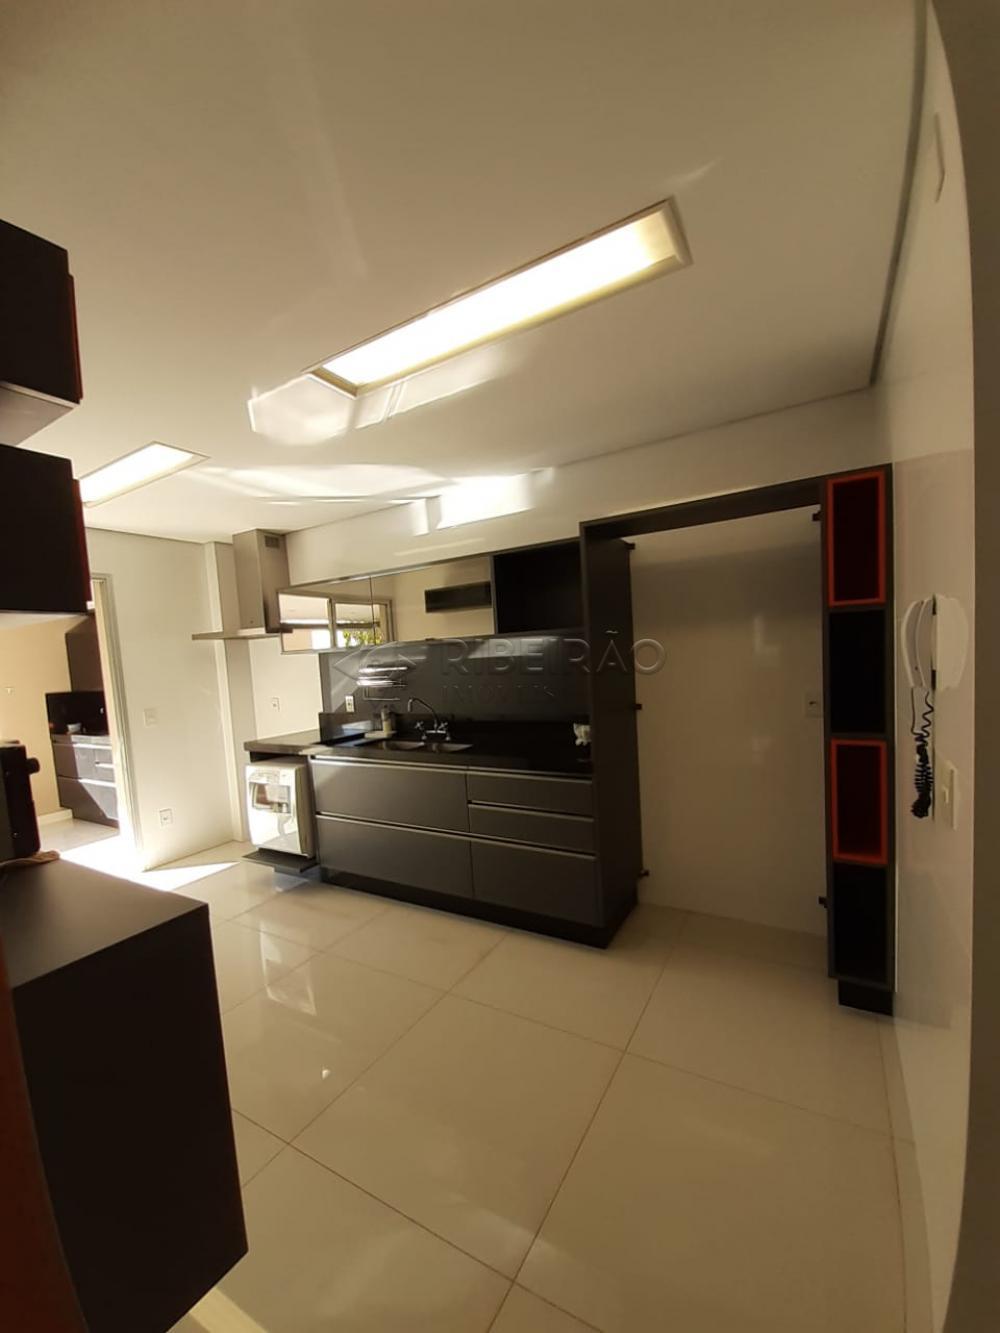 Comprar Apartamento / Cobertura em Ribeirão Preto R$ 1.900.000,00 - Foto 22